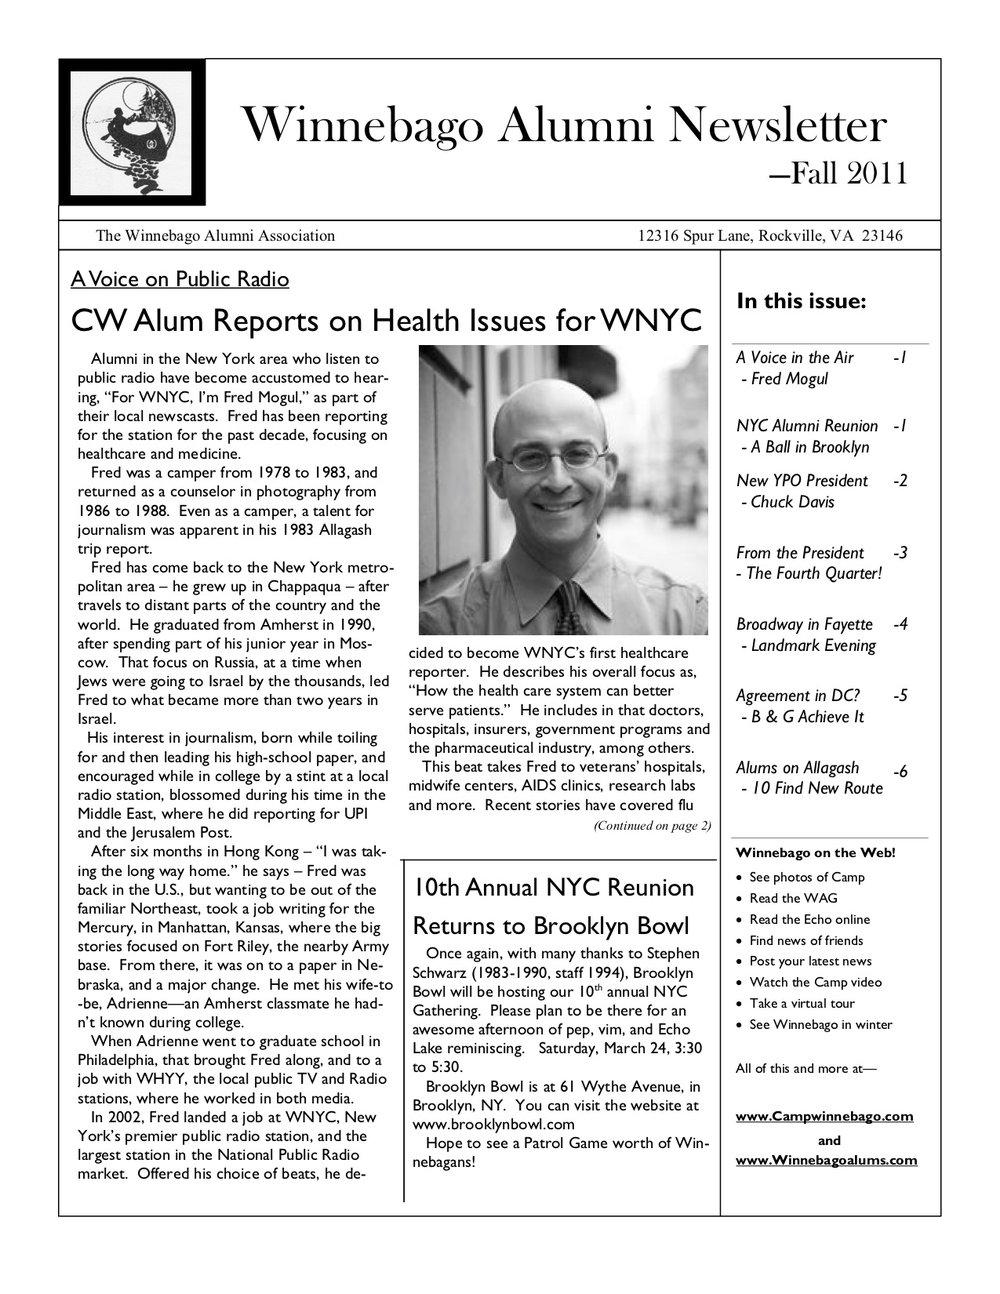 2011 Fall Newsletter.jpg